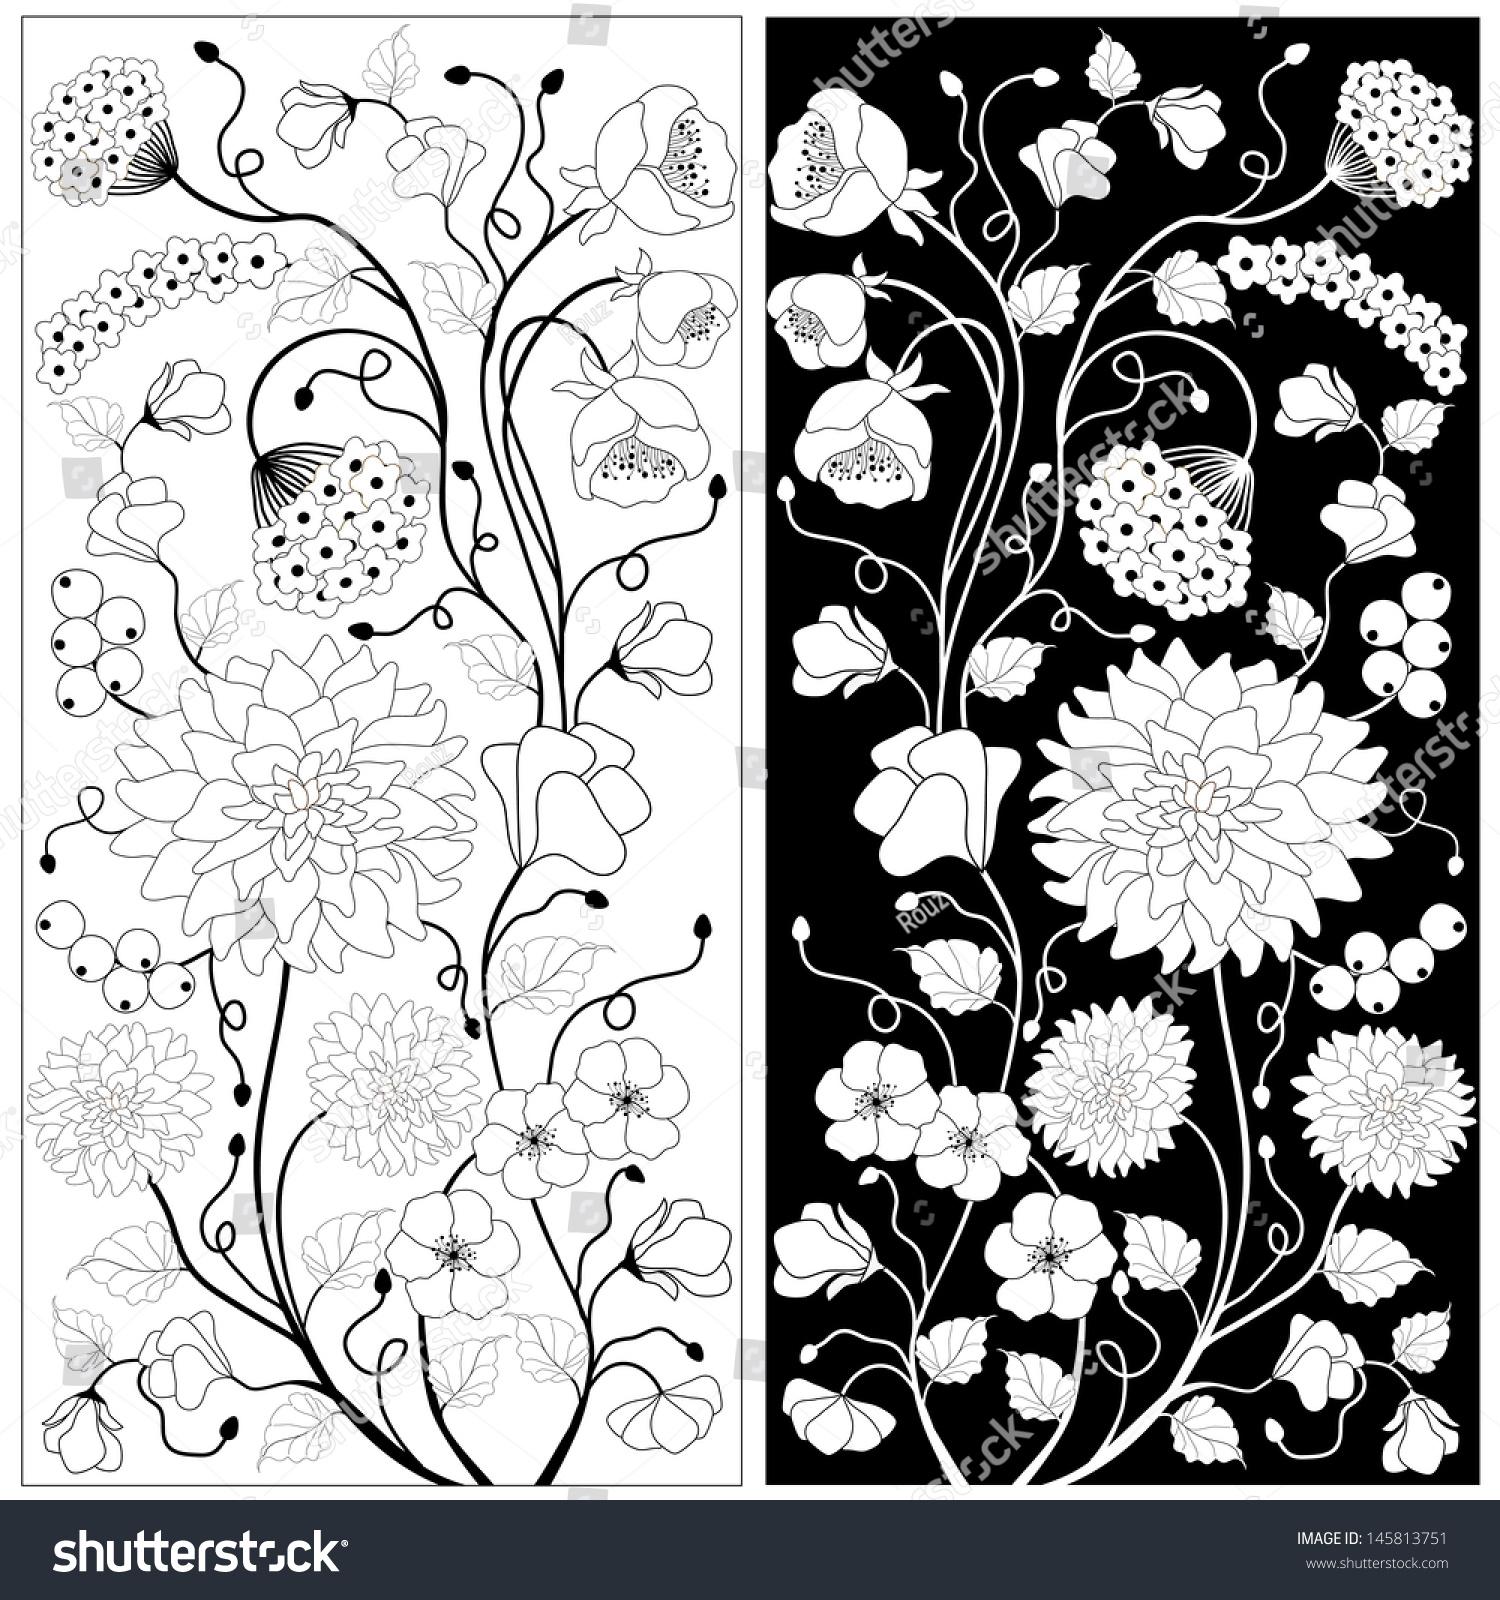 Black White Flowers Stock Vector Royalty Free 145813751 Shutterstock